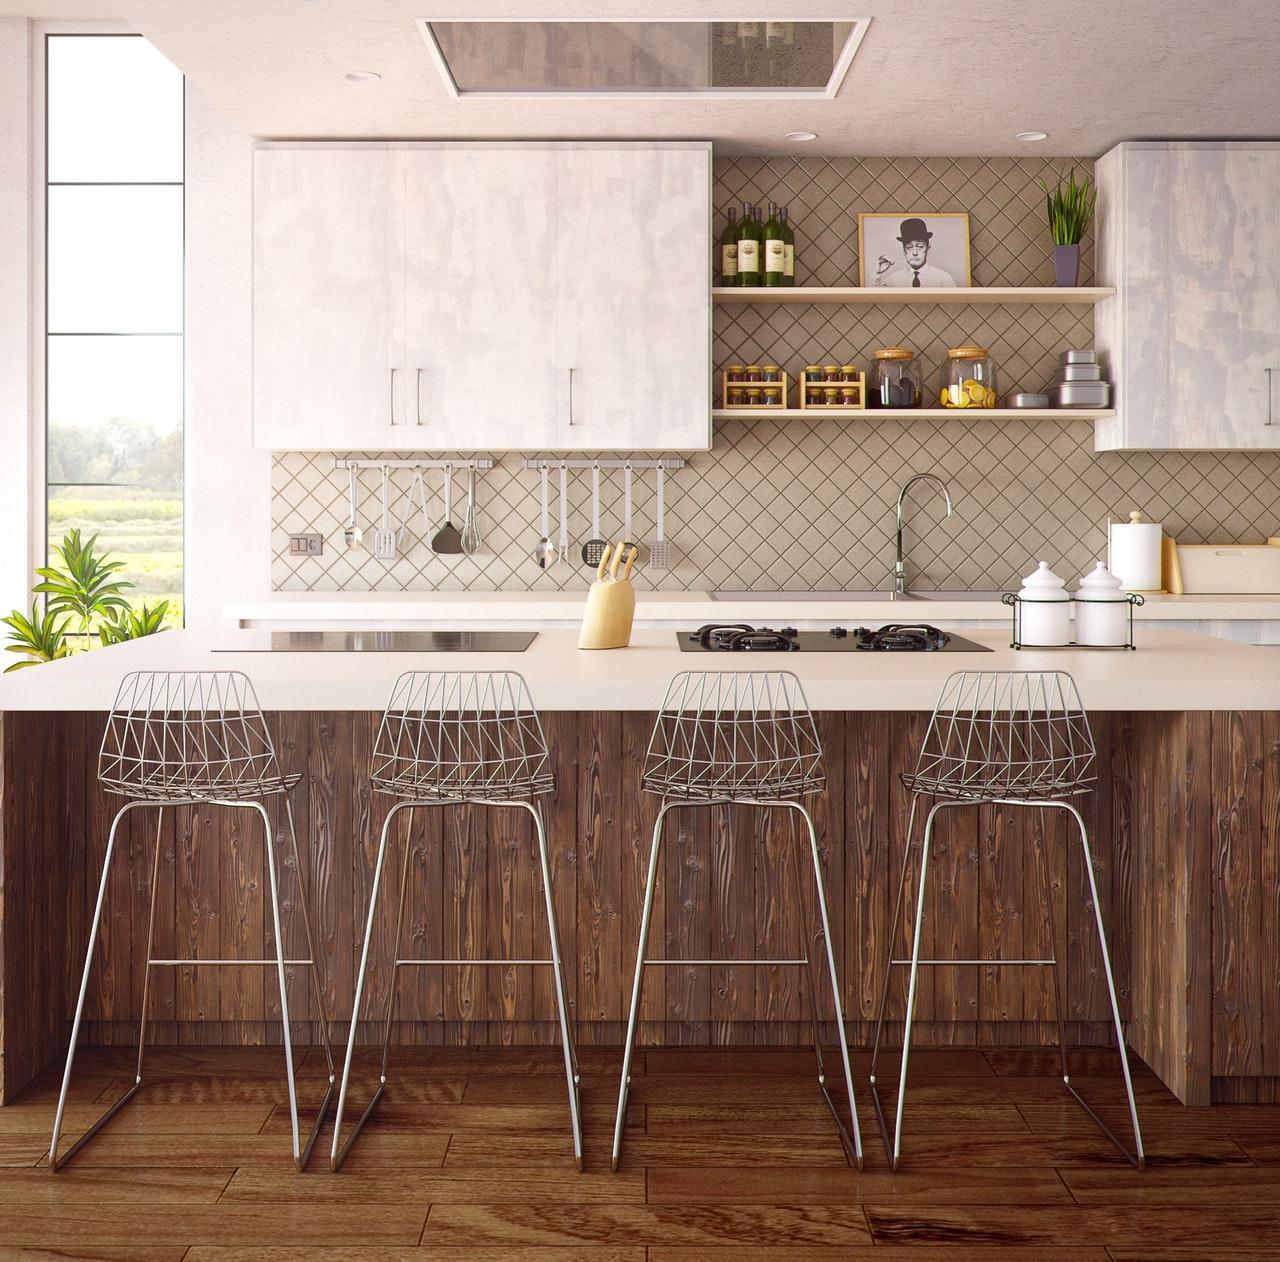 Spieki kwarcowe Laminam, Kerlite - Okleiny dekoracyjne na blaty kuchenne